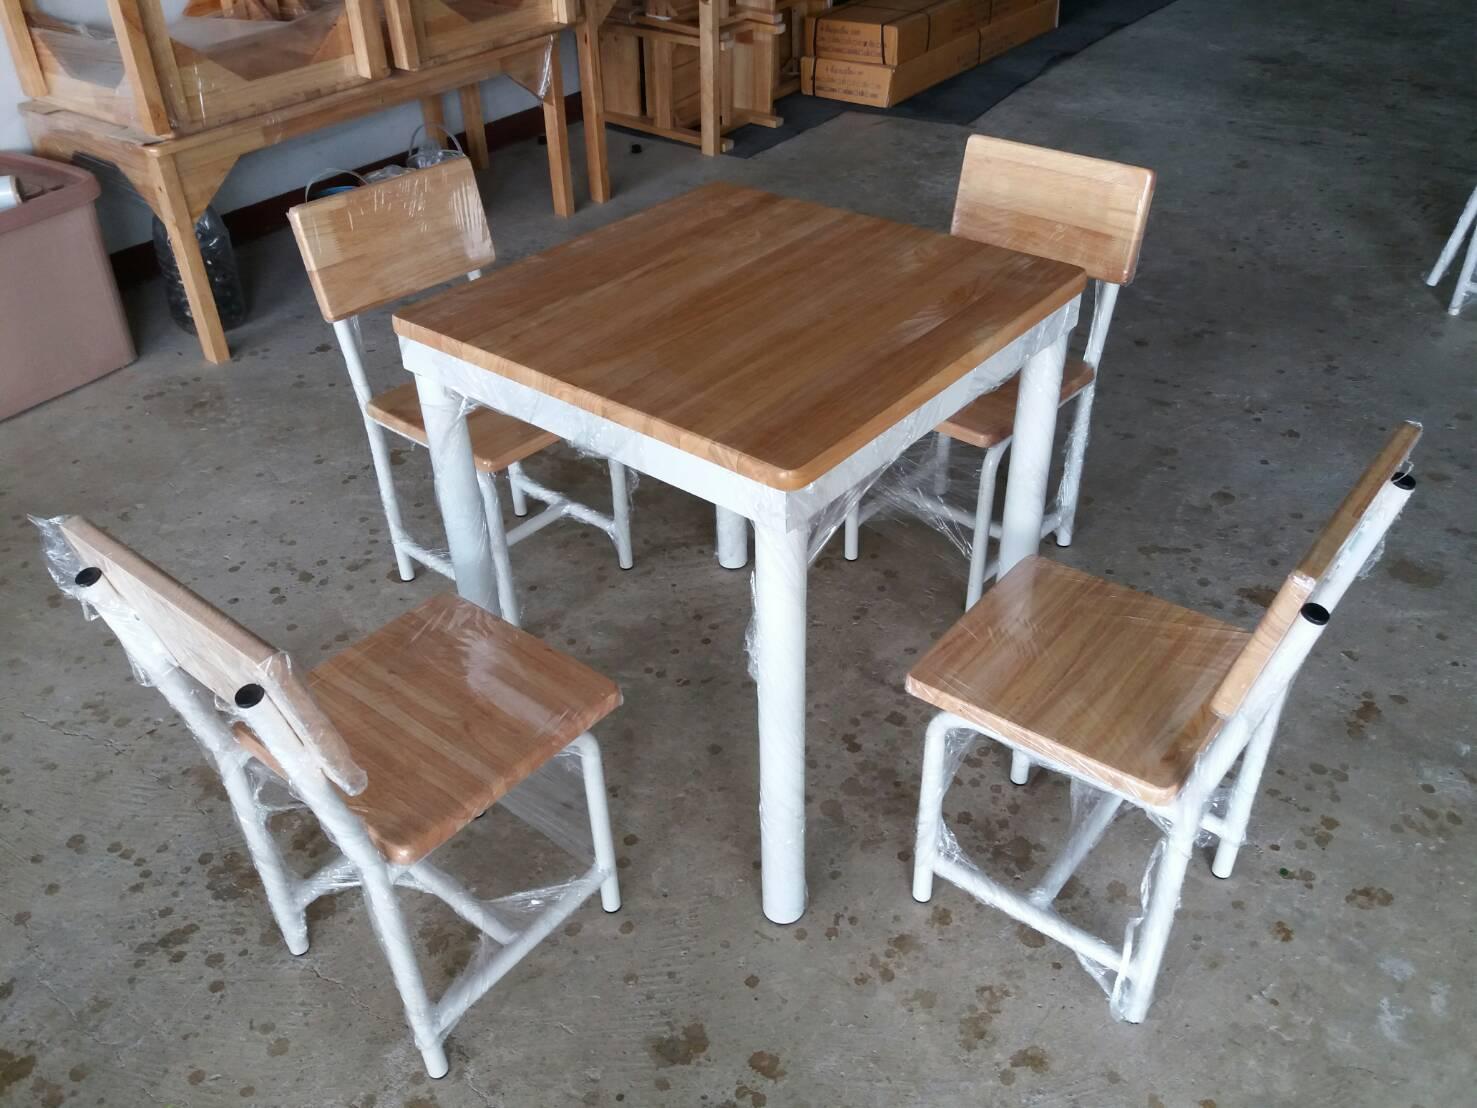 โต๊ะ กลุ่ม อนุบาล หน้าไม้ยางพารา 60*60 *65ซม